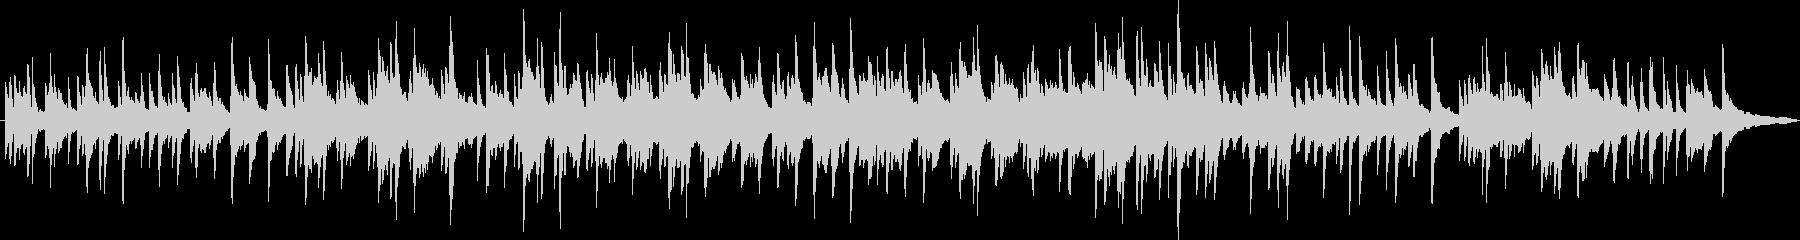 ピアノソロの切ない曲の未再生の波形